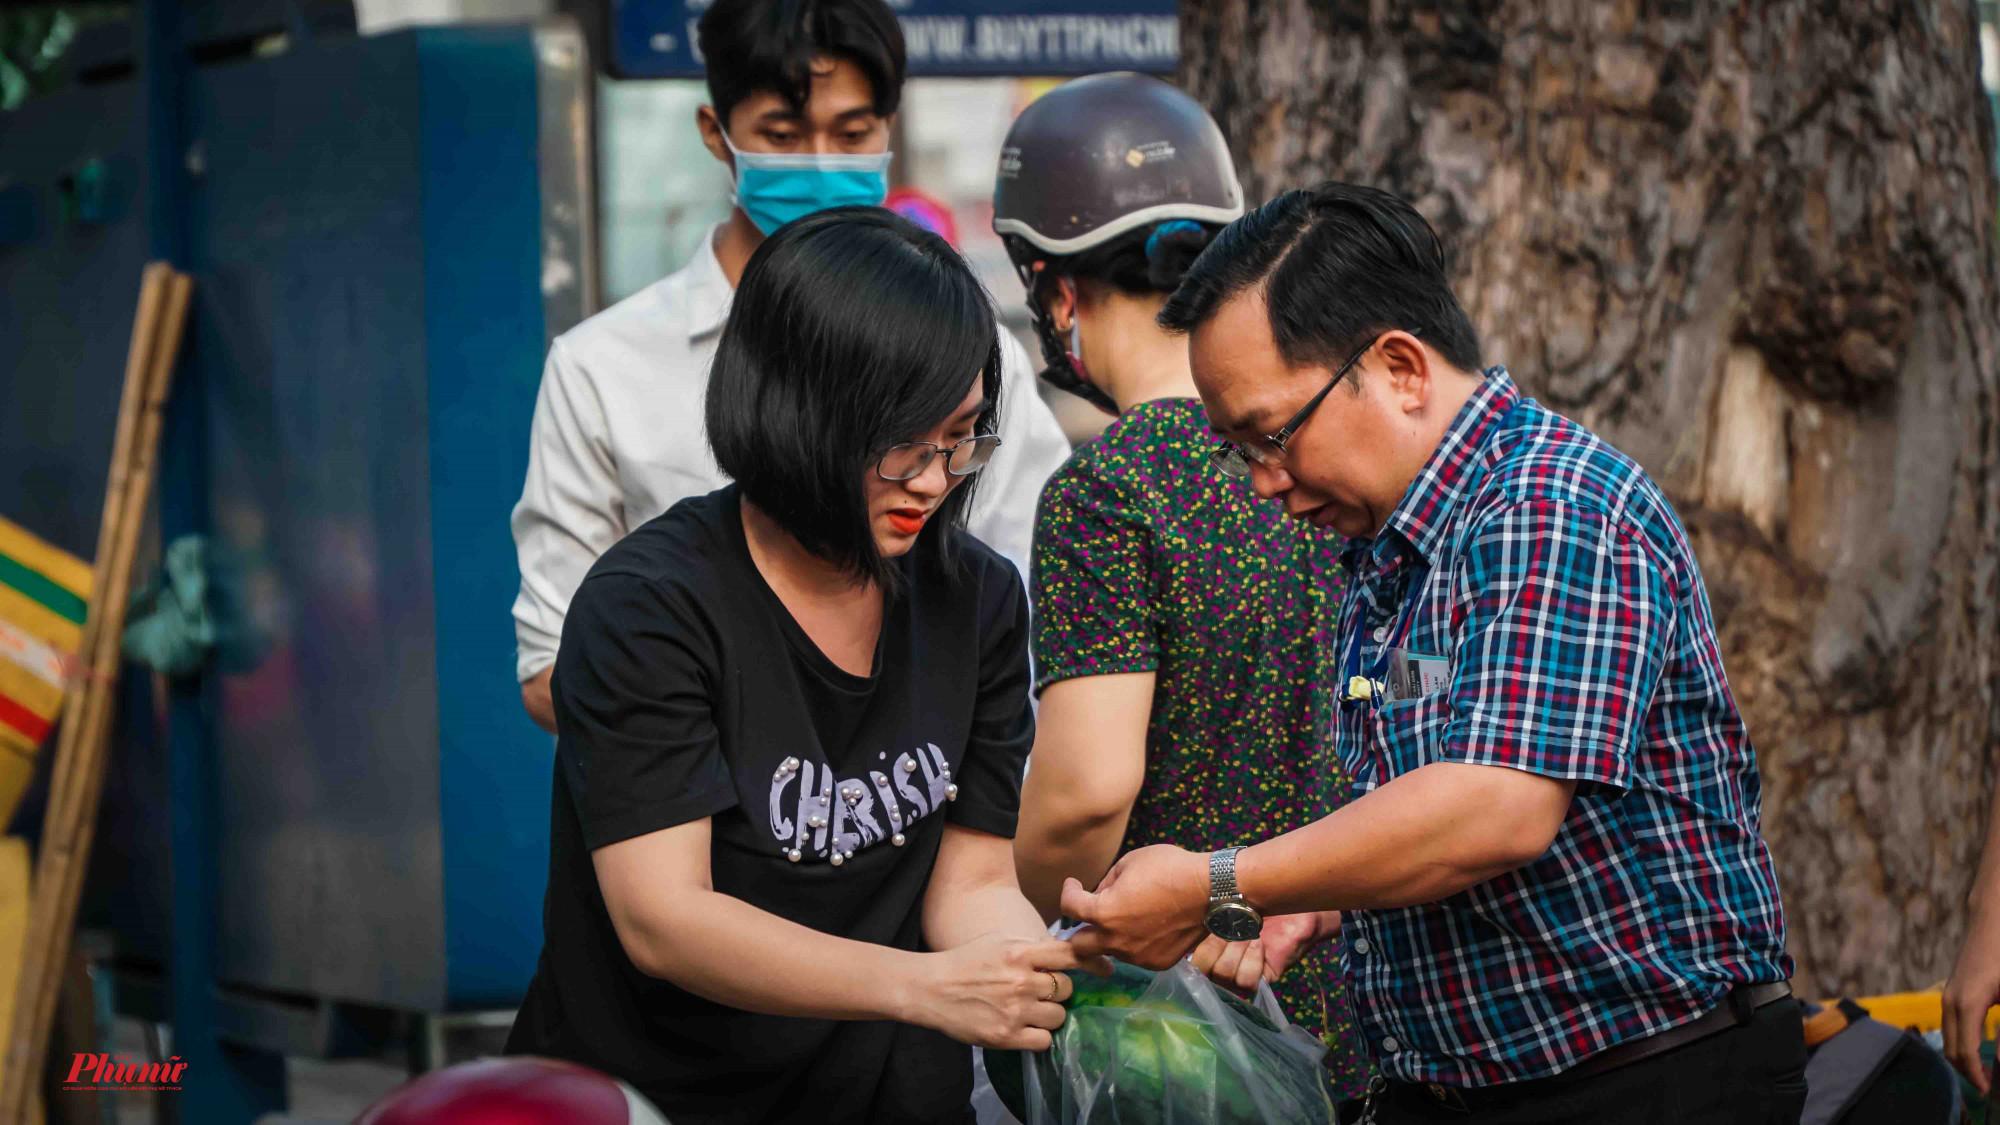 Nhiều bạn trẻ chung tay hỗ trợ người dân lấy dưa